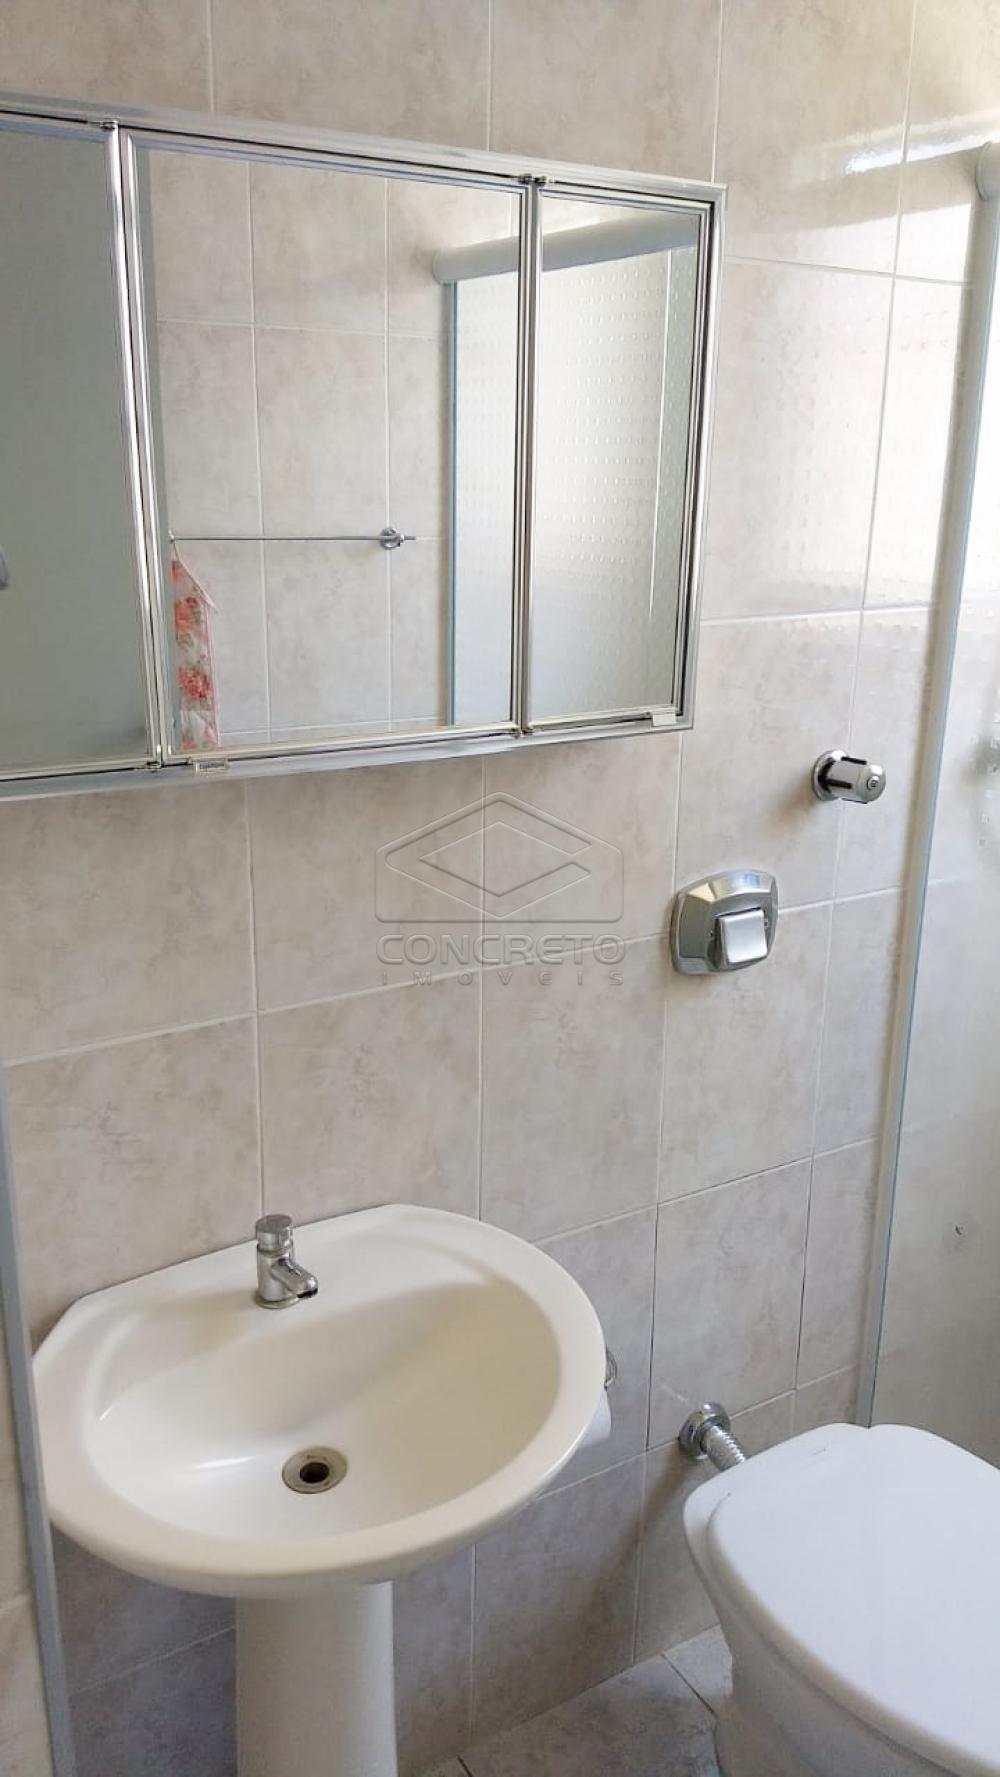 Comprar Casa / Residencia em Jaú apenas R$ 305.000,00 - Foto 15